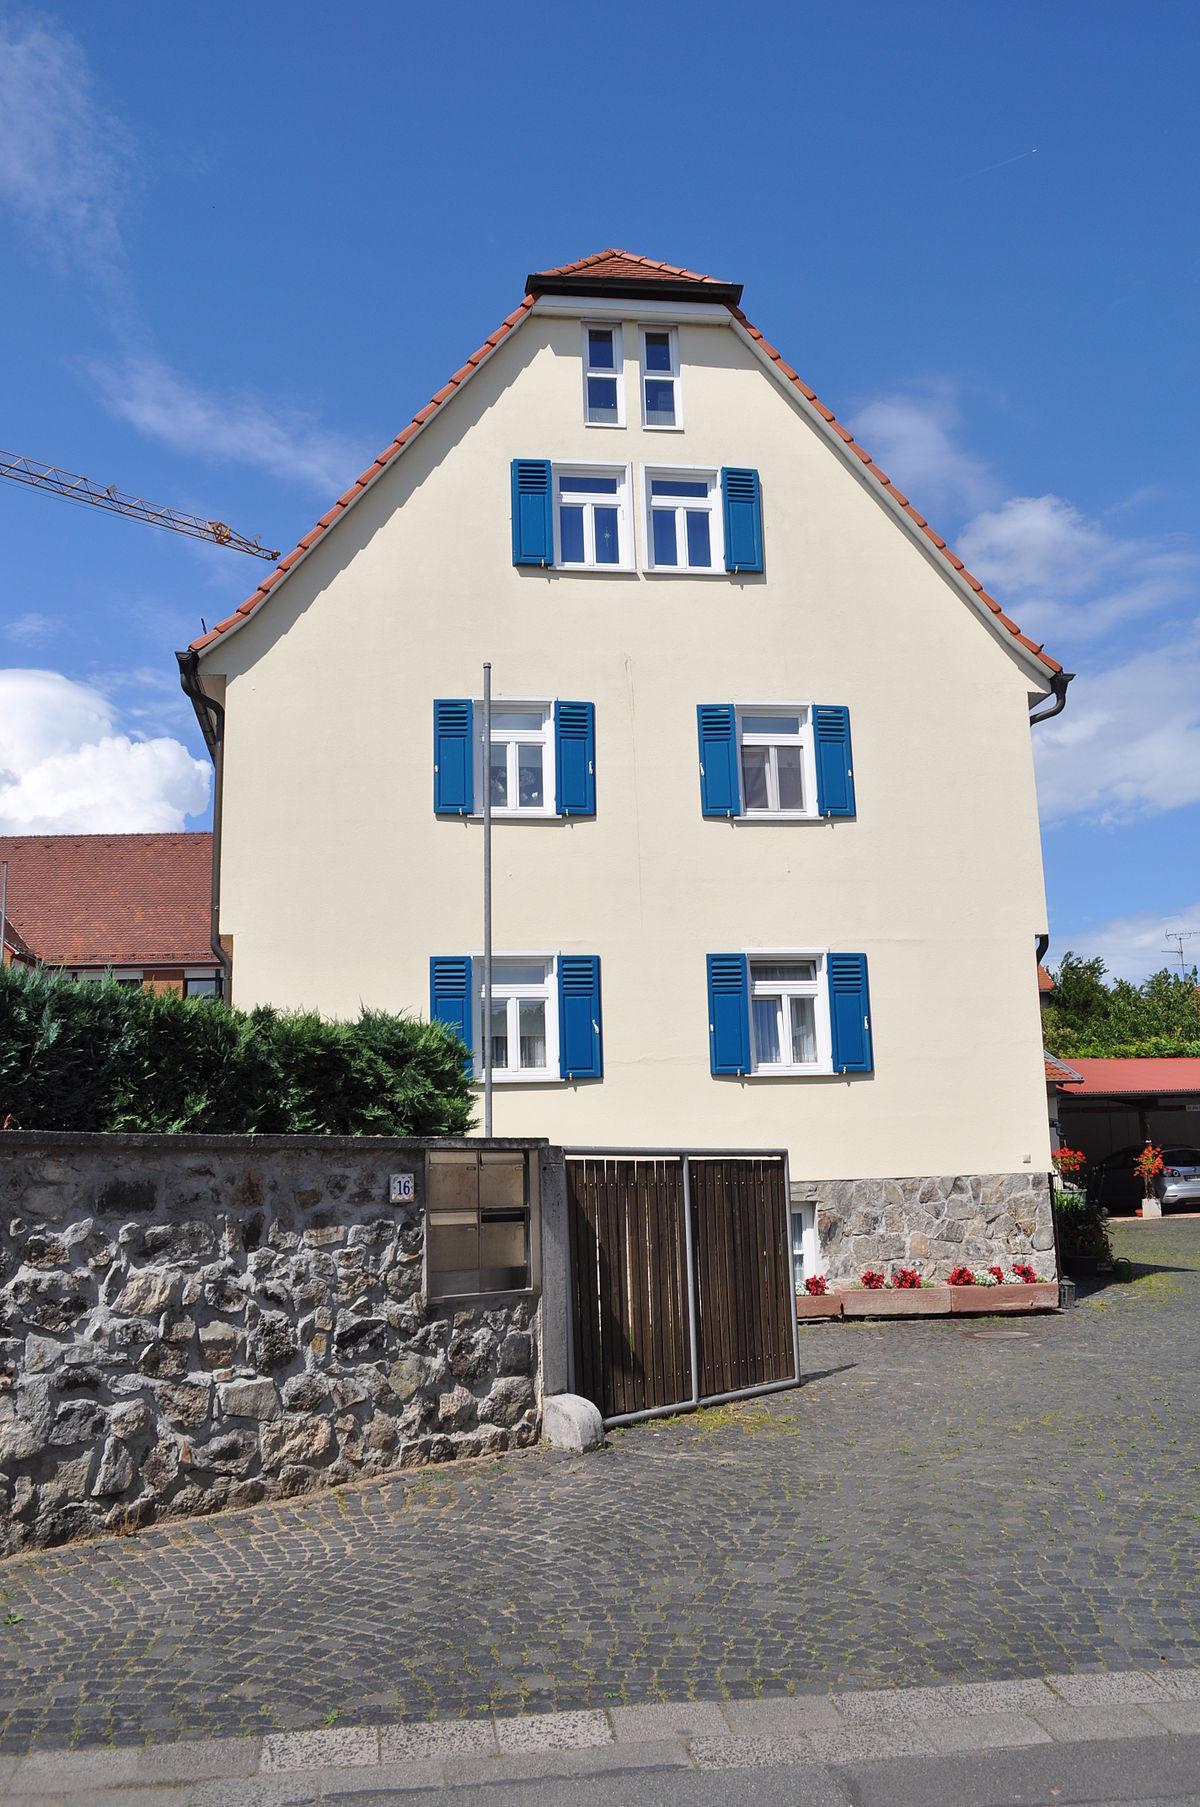 Ober-Erlenbach